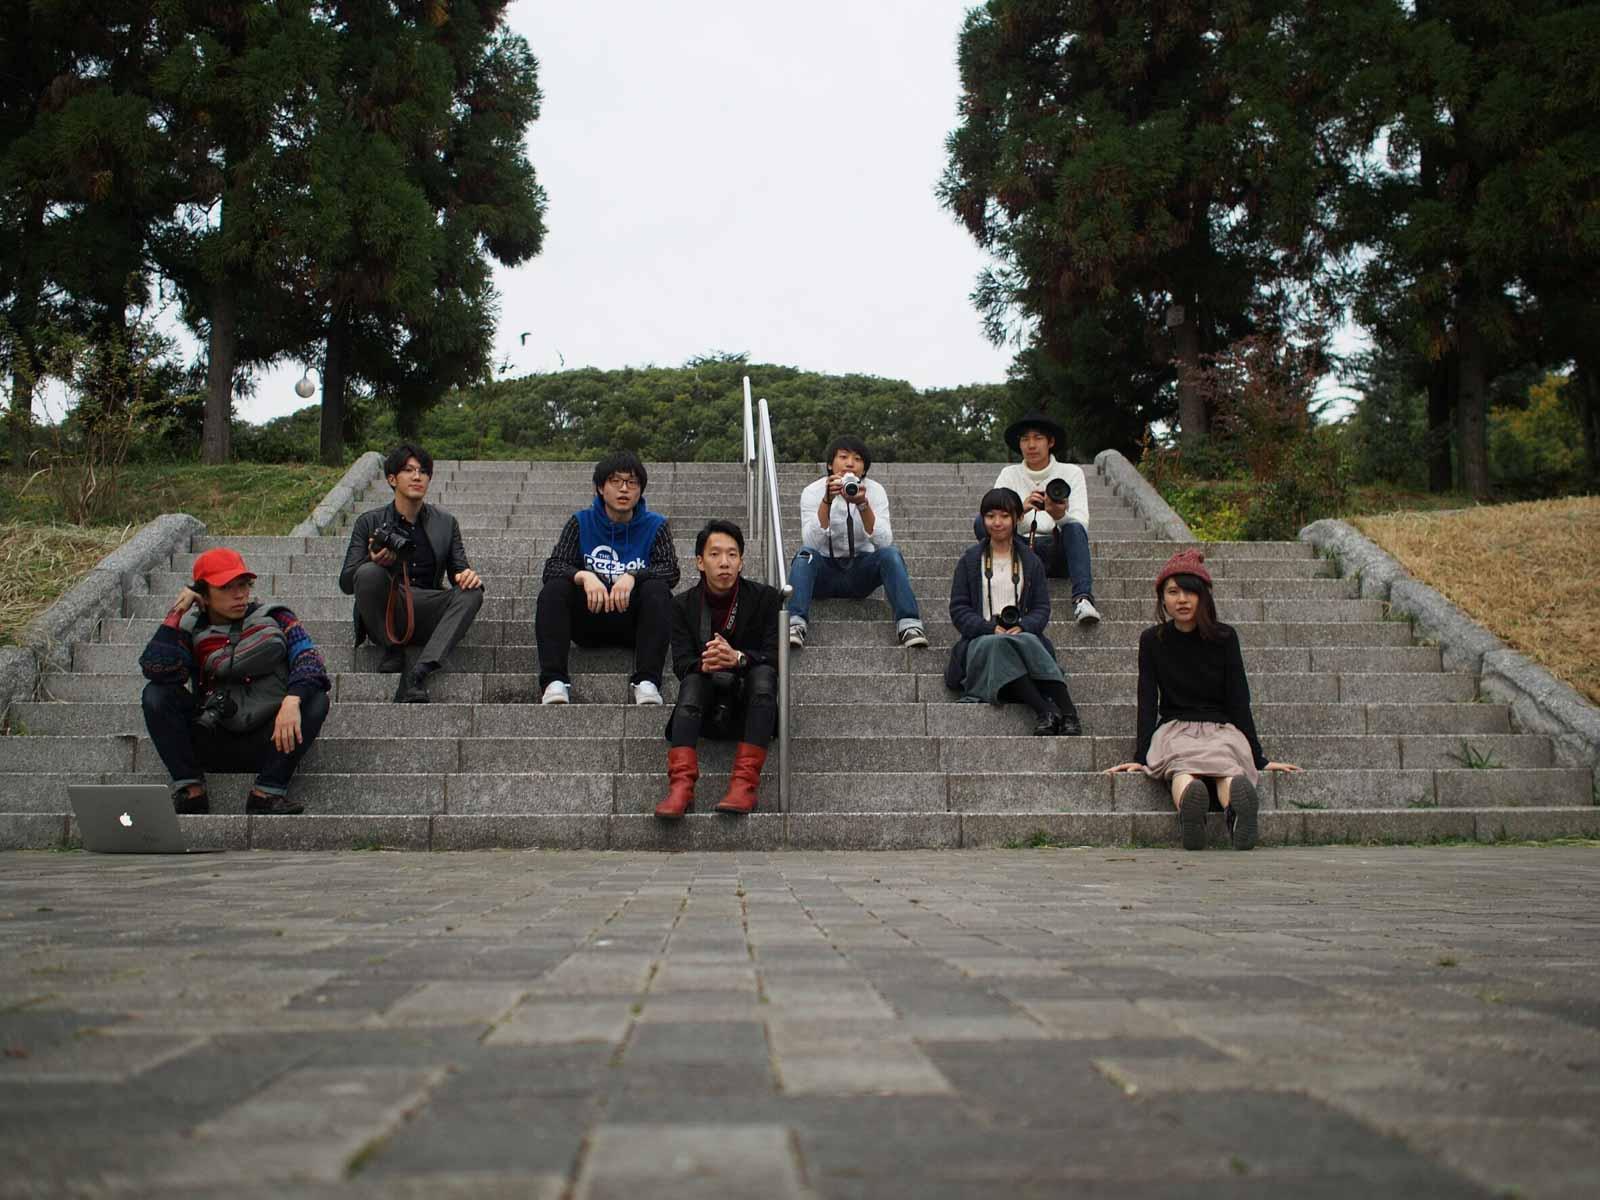 写真部SHARE初の撮影会を開催!花博記念公園鶴見緑地へ行ってきました!